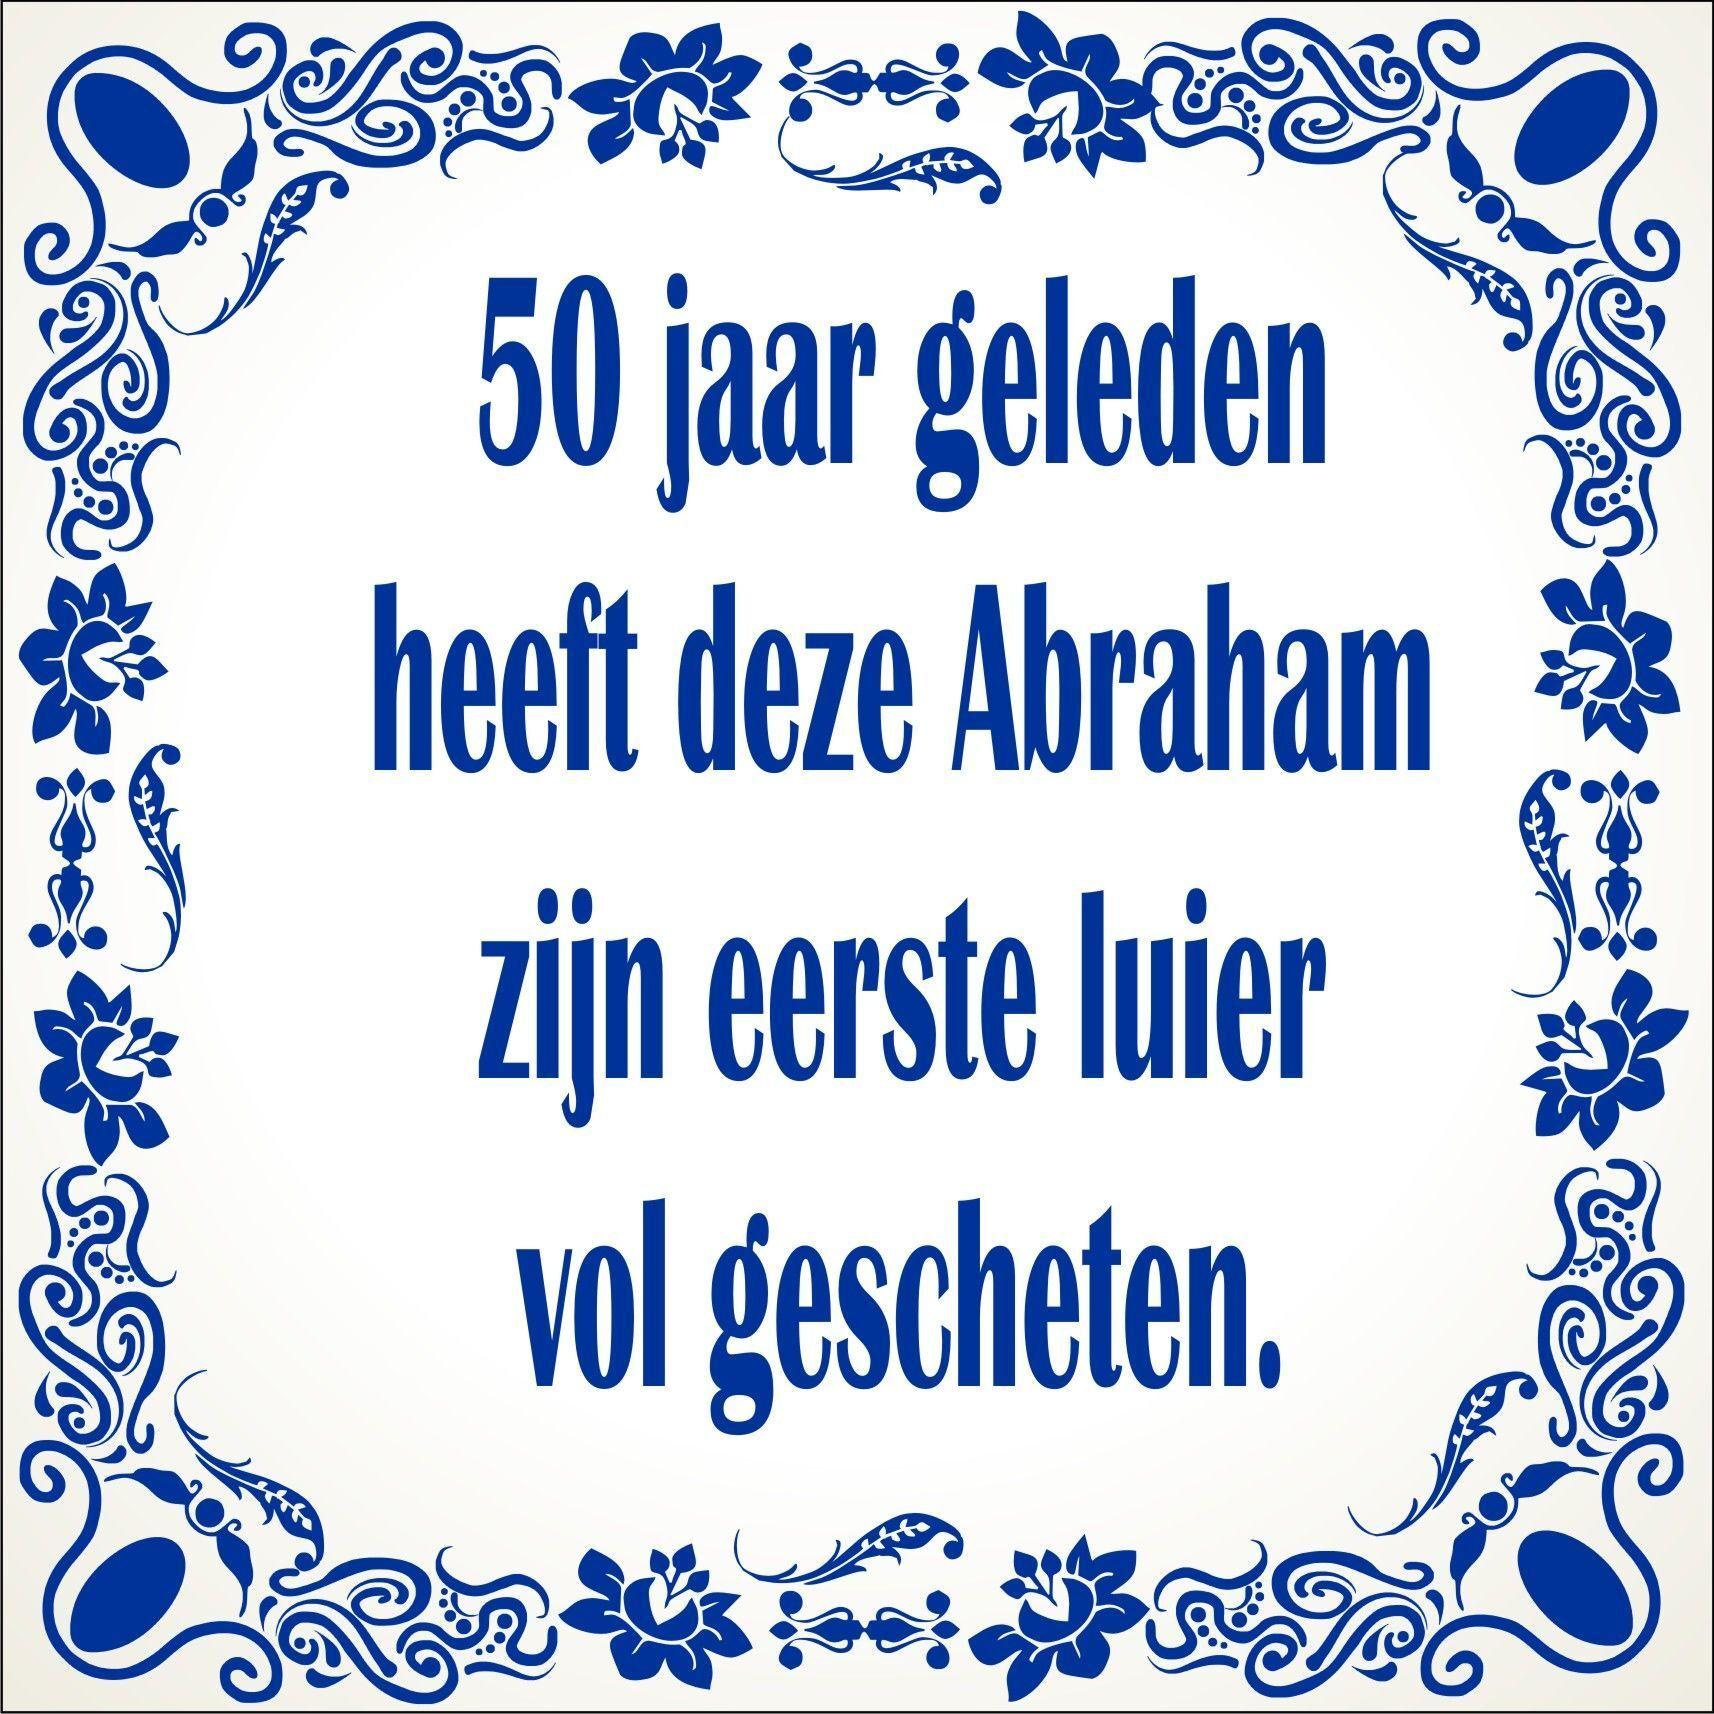 abraham 50 jaar spreuken Spreukentegel 50 jaar geleden heeft deze Abraham zijn eerste luier  abraham 50 jaar spreuken